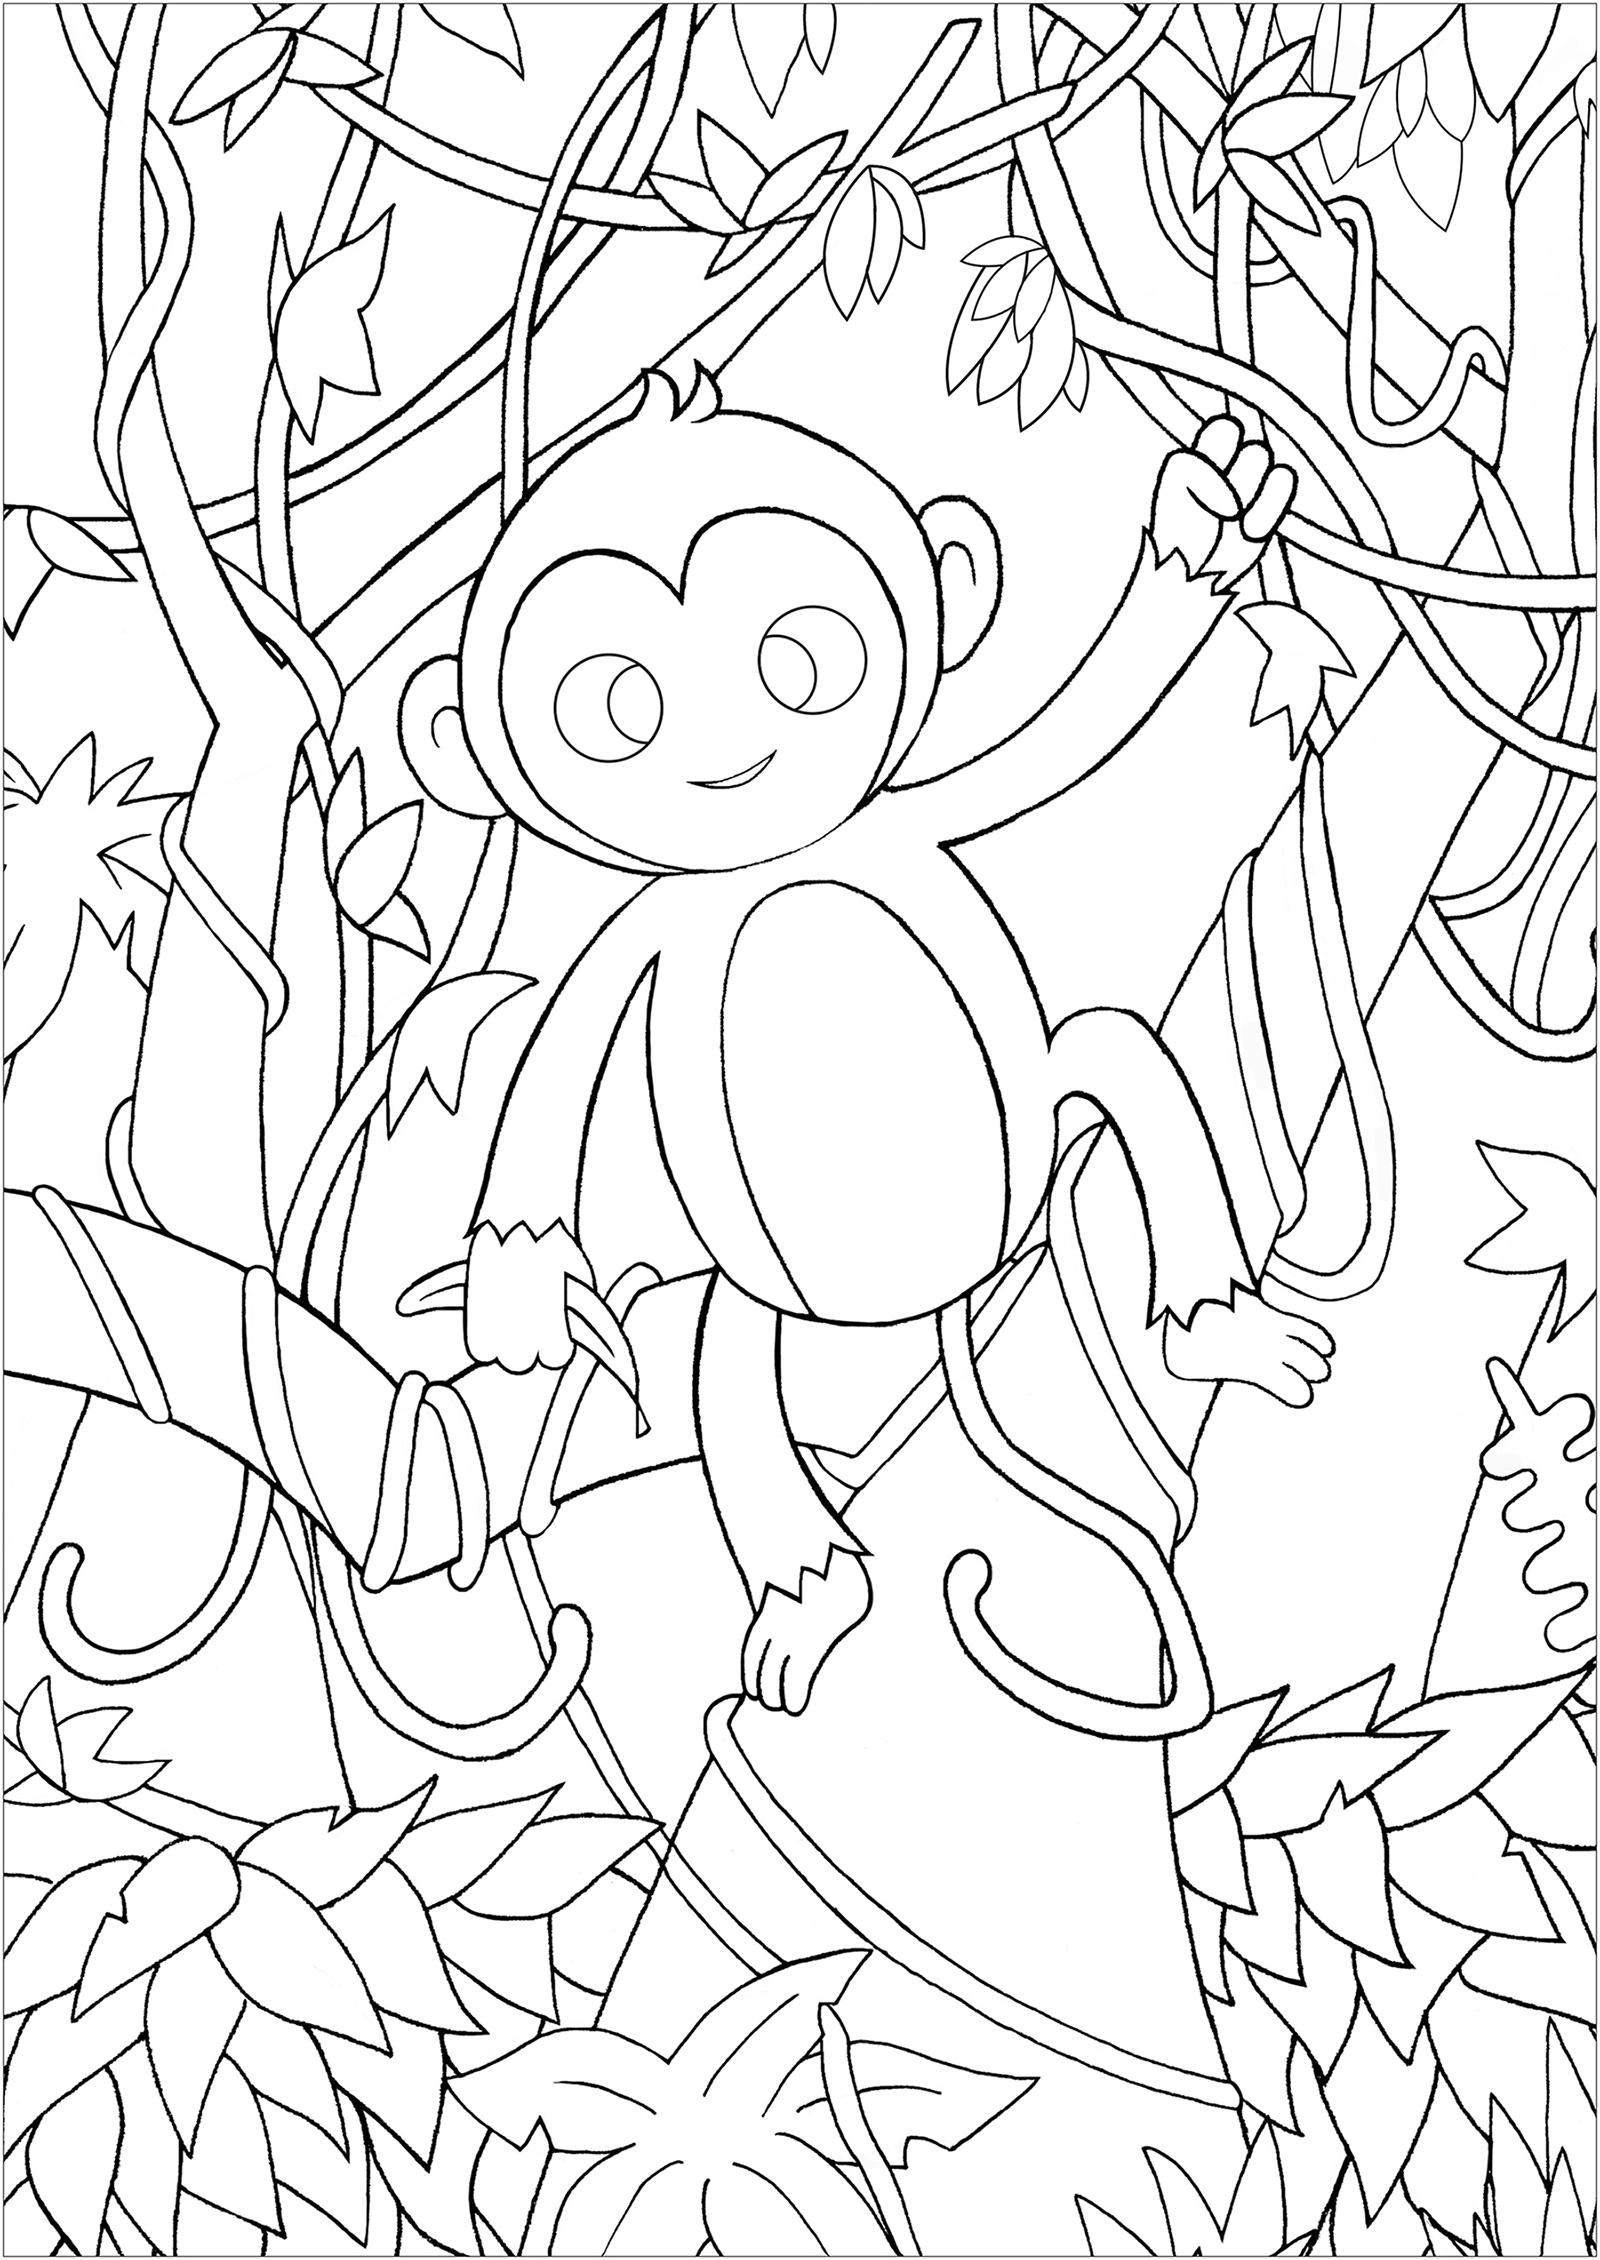 Colorear para Adultos : Monos - 1